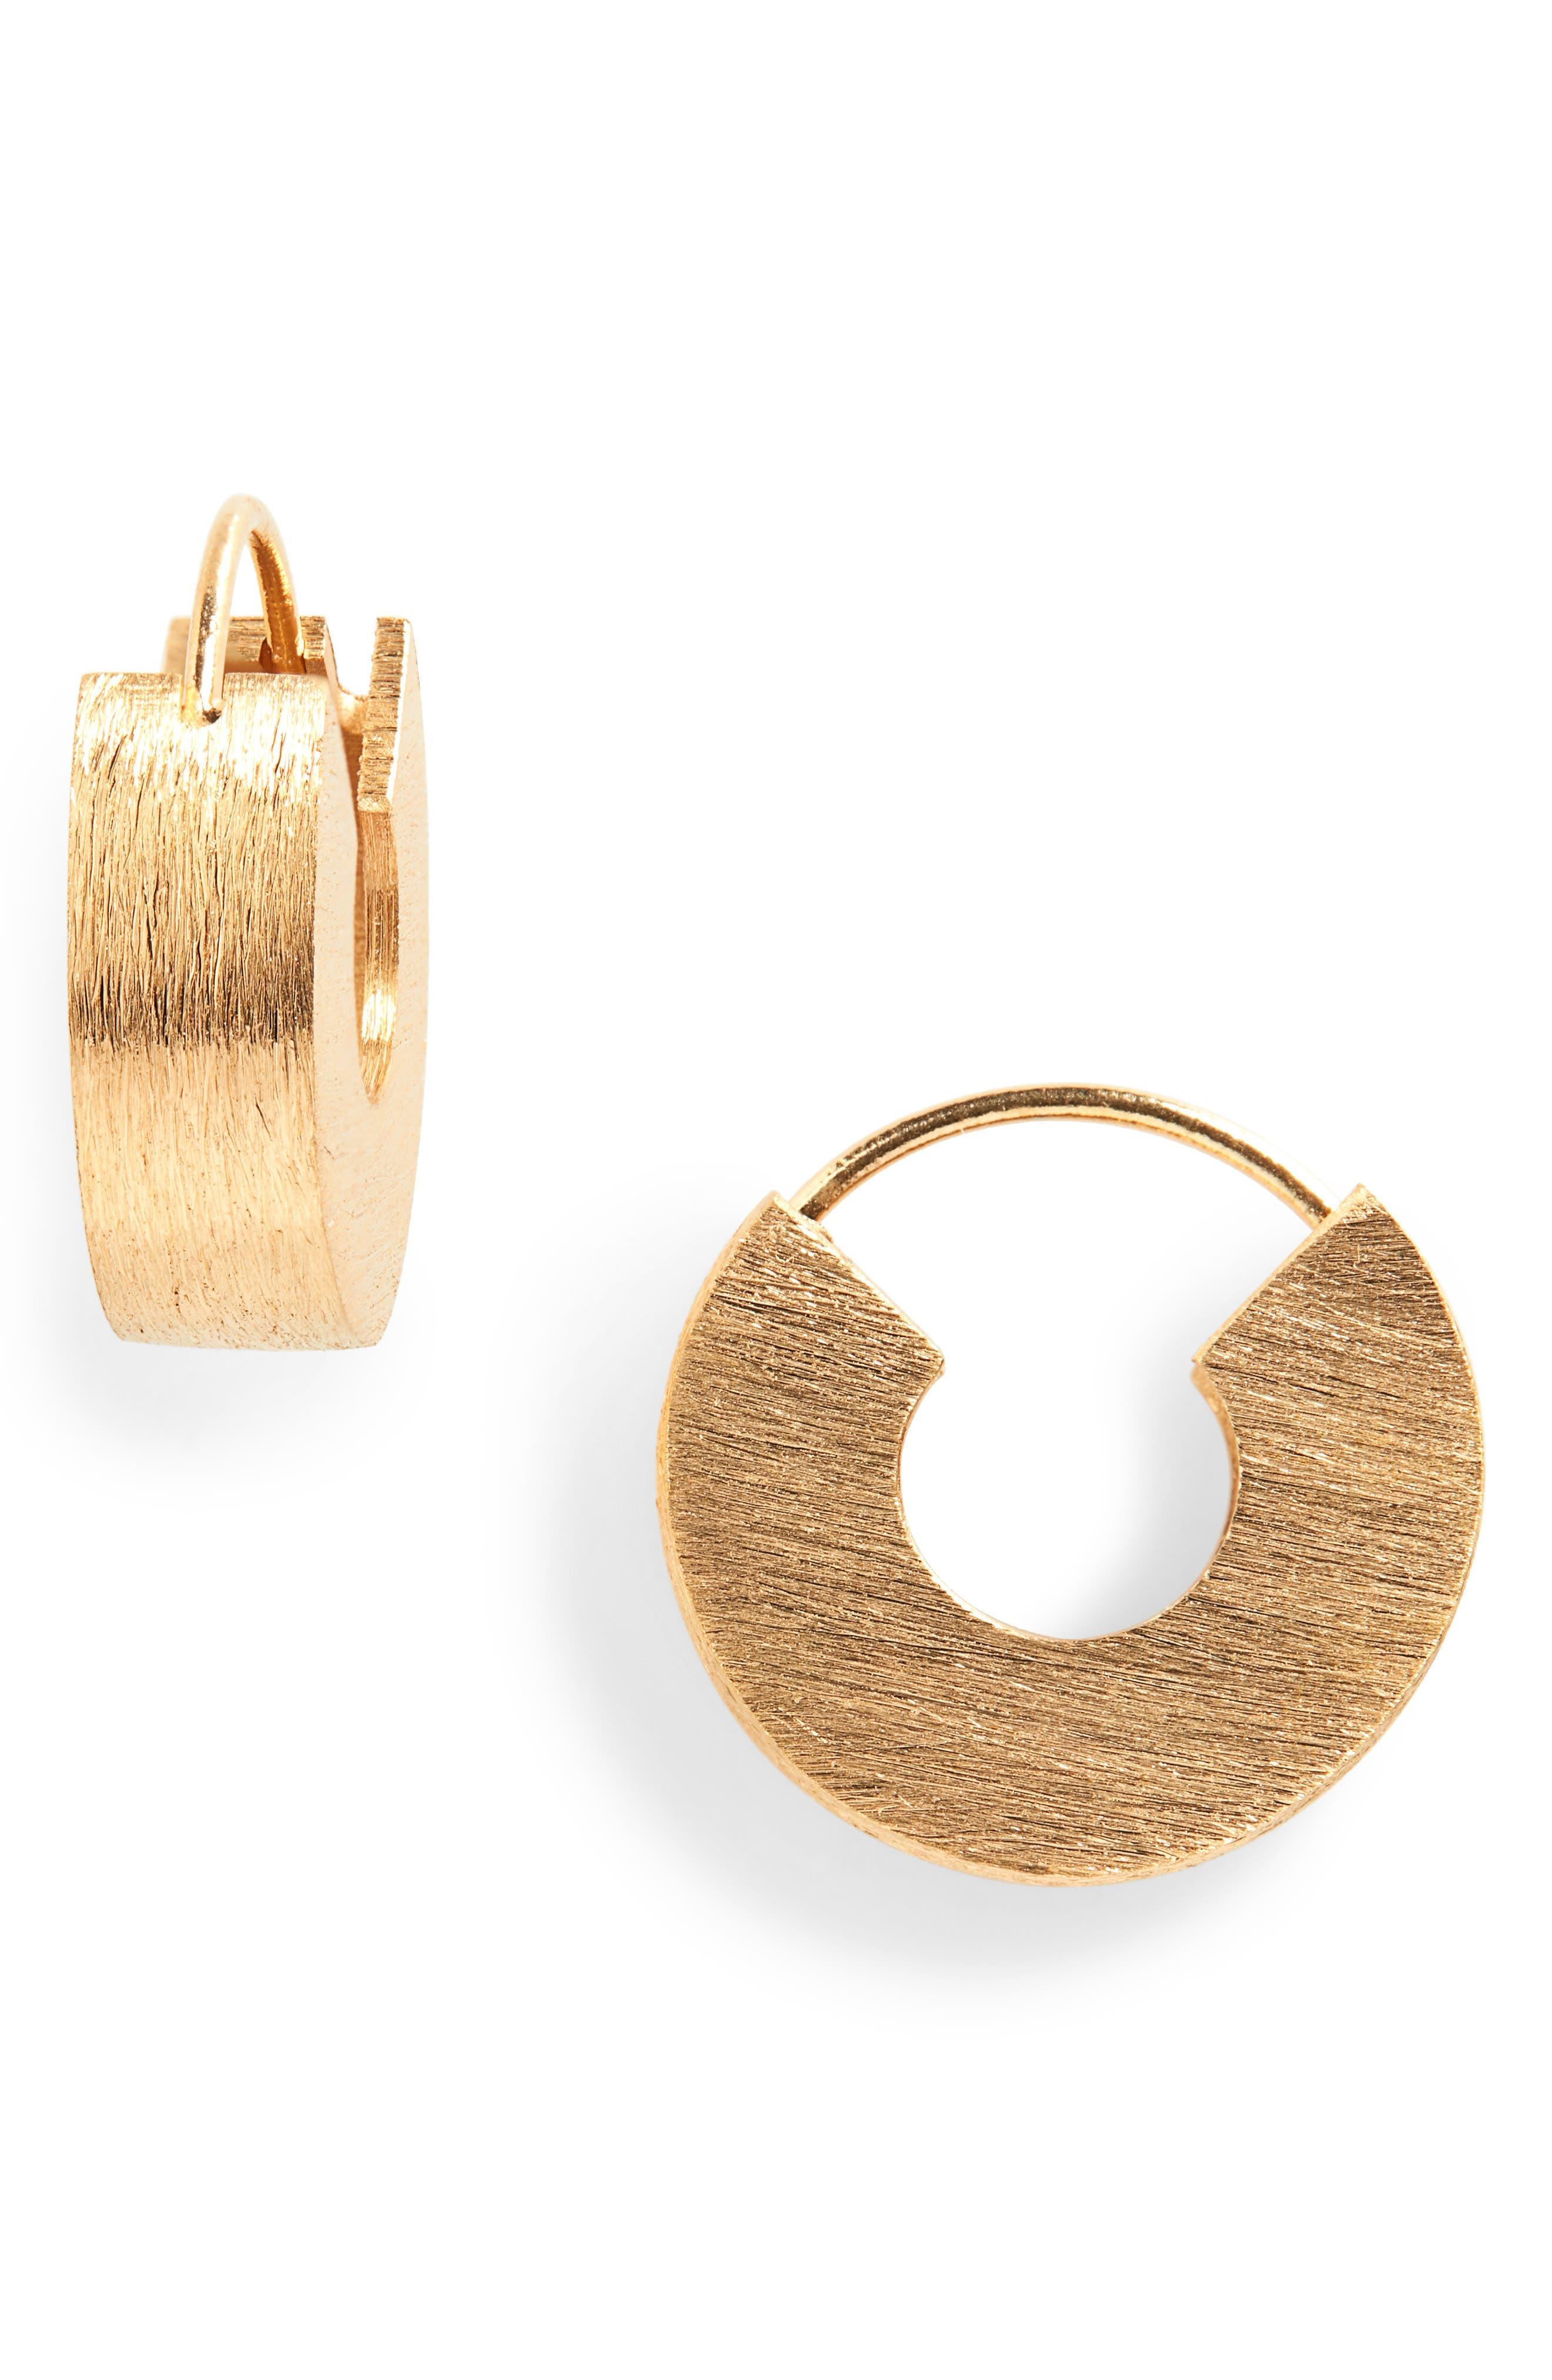 ALL BLUES U-Beam Brushed Vermeil Earrings in Gold